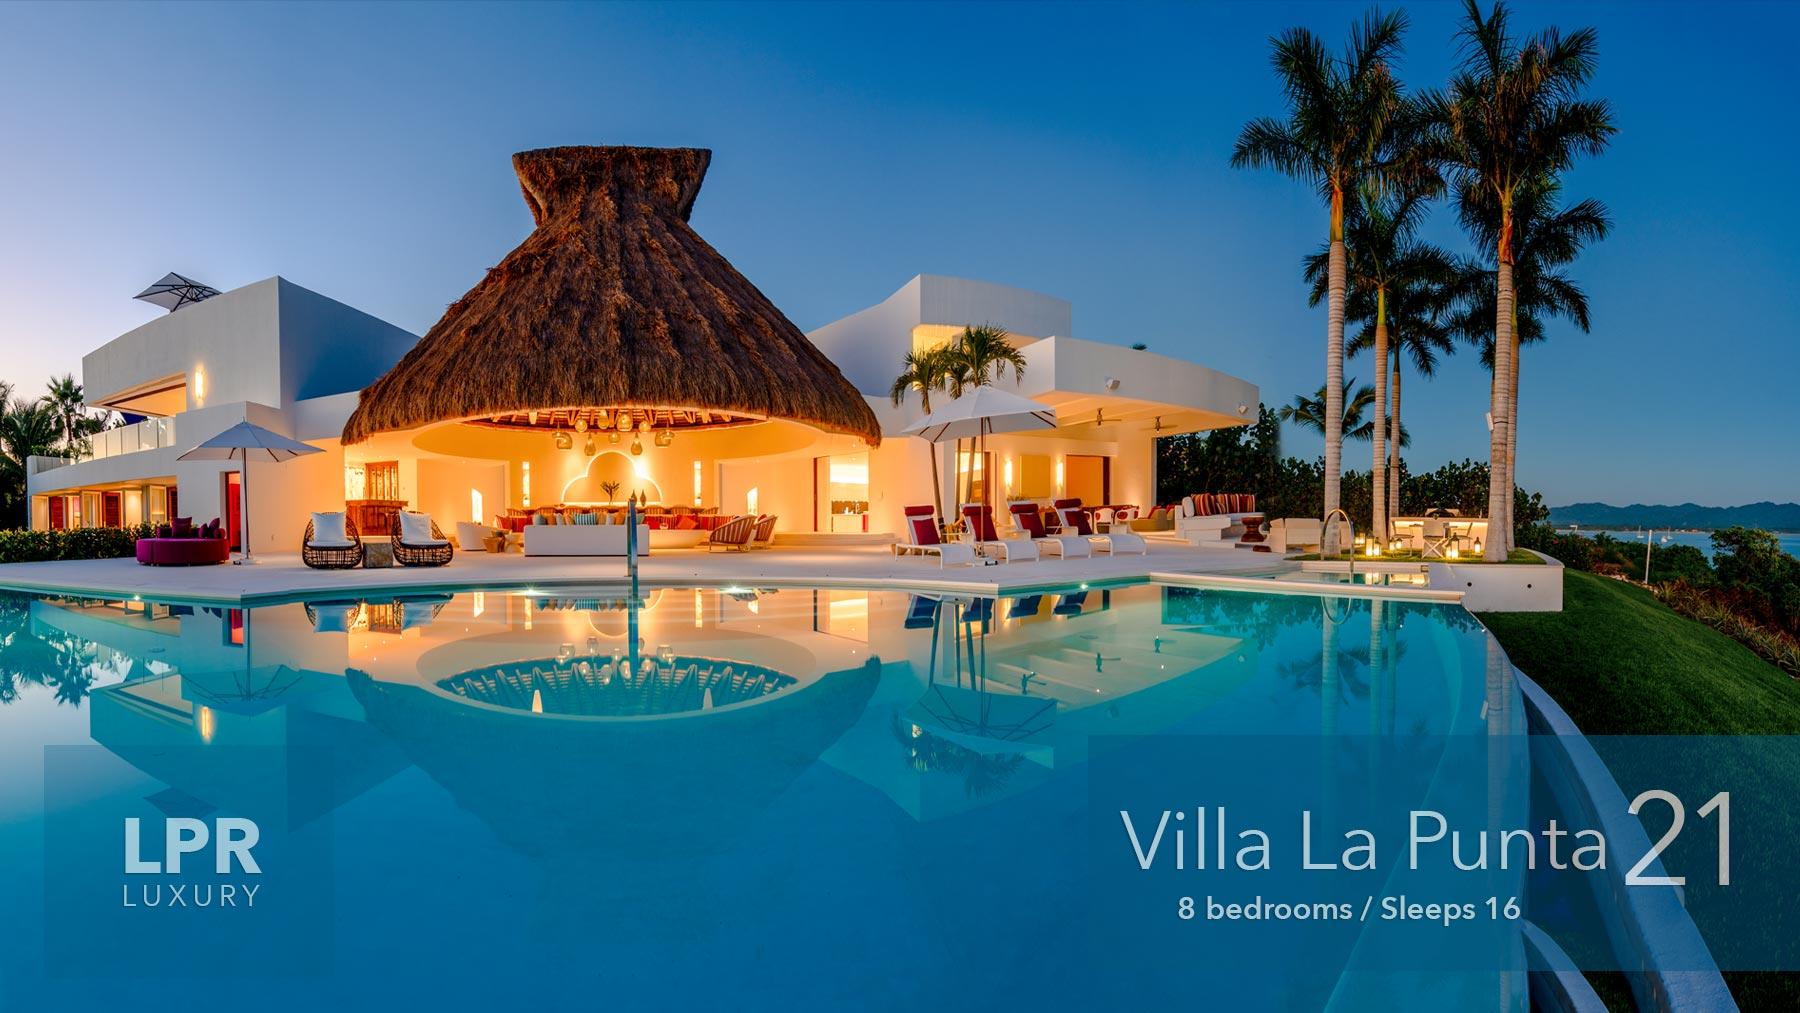 Villa La Punta 21 - Punta Mita Resort - Mexico Luxury Vacation Rentals and Resort Real Estate